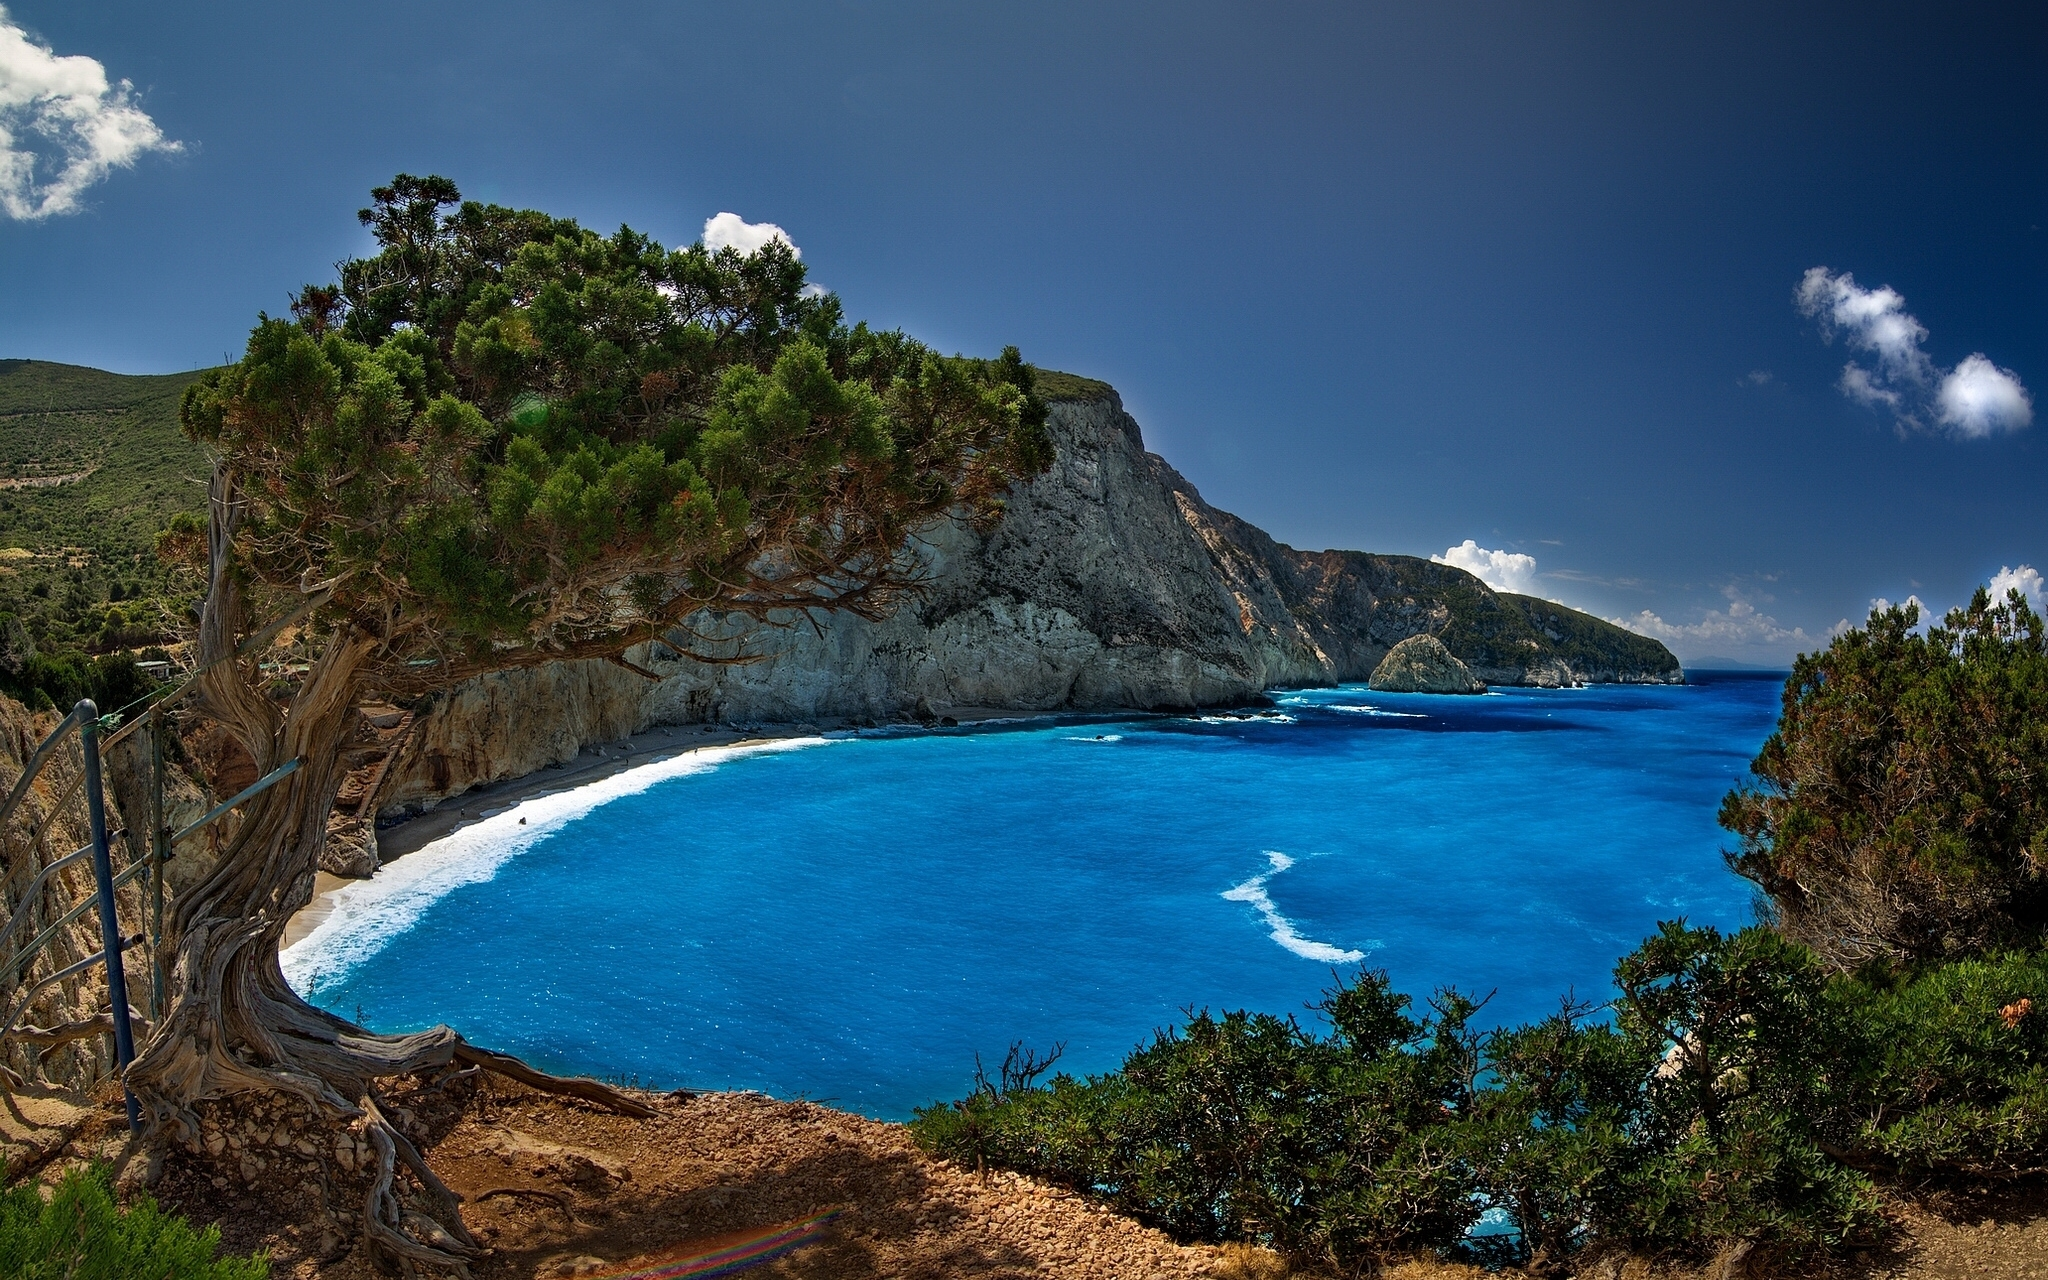 75764 скачать обои Природа, Порто Кацики, Лефкас, Греция, Ионическое Море, Hdr - заставки и картинки бесплатно